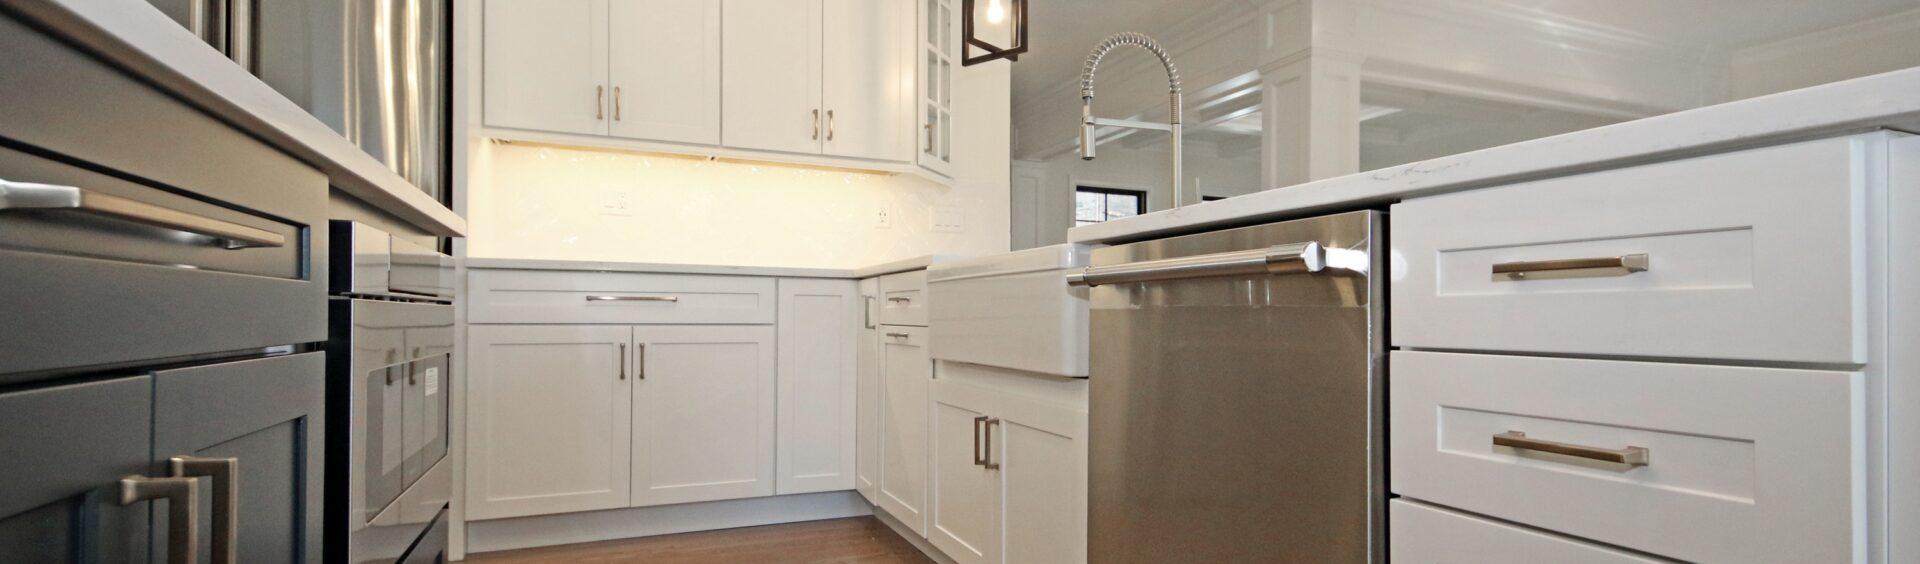 Homecrest Installation Guide